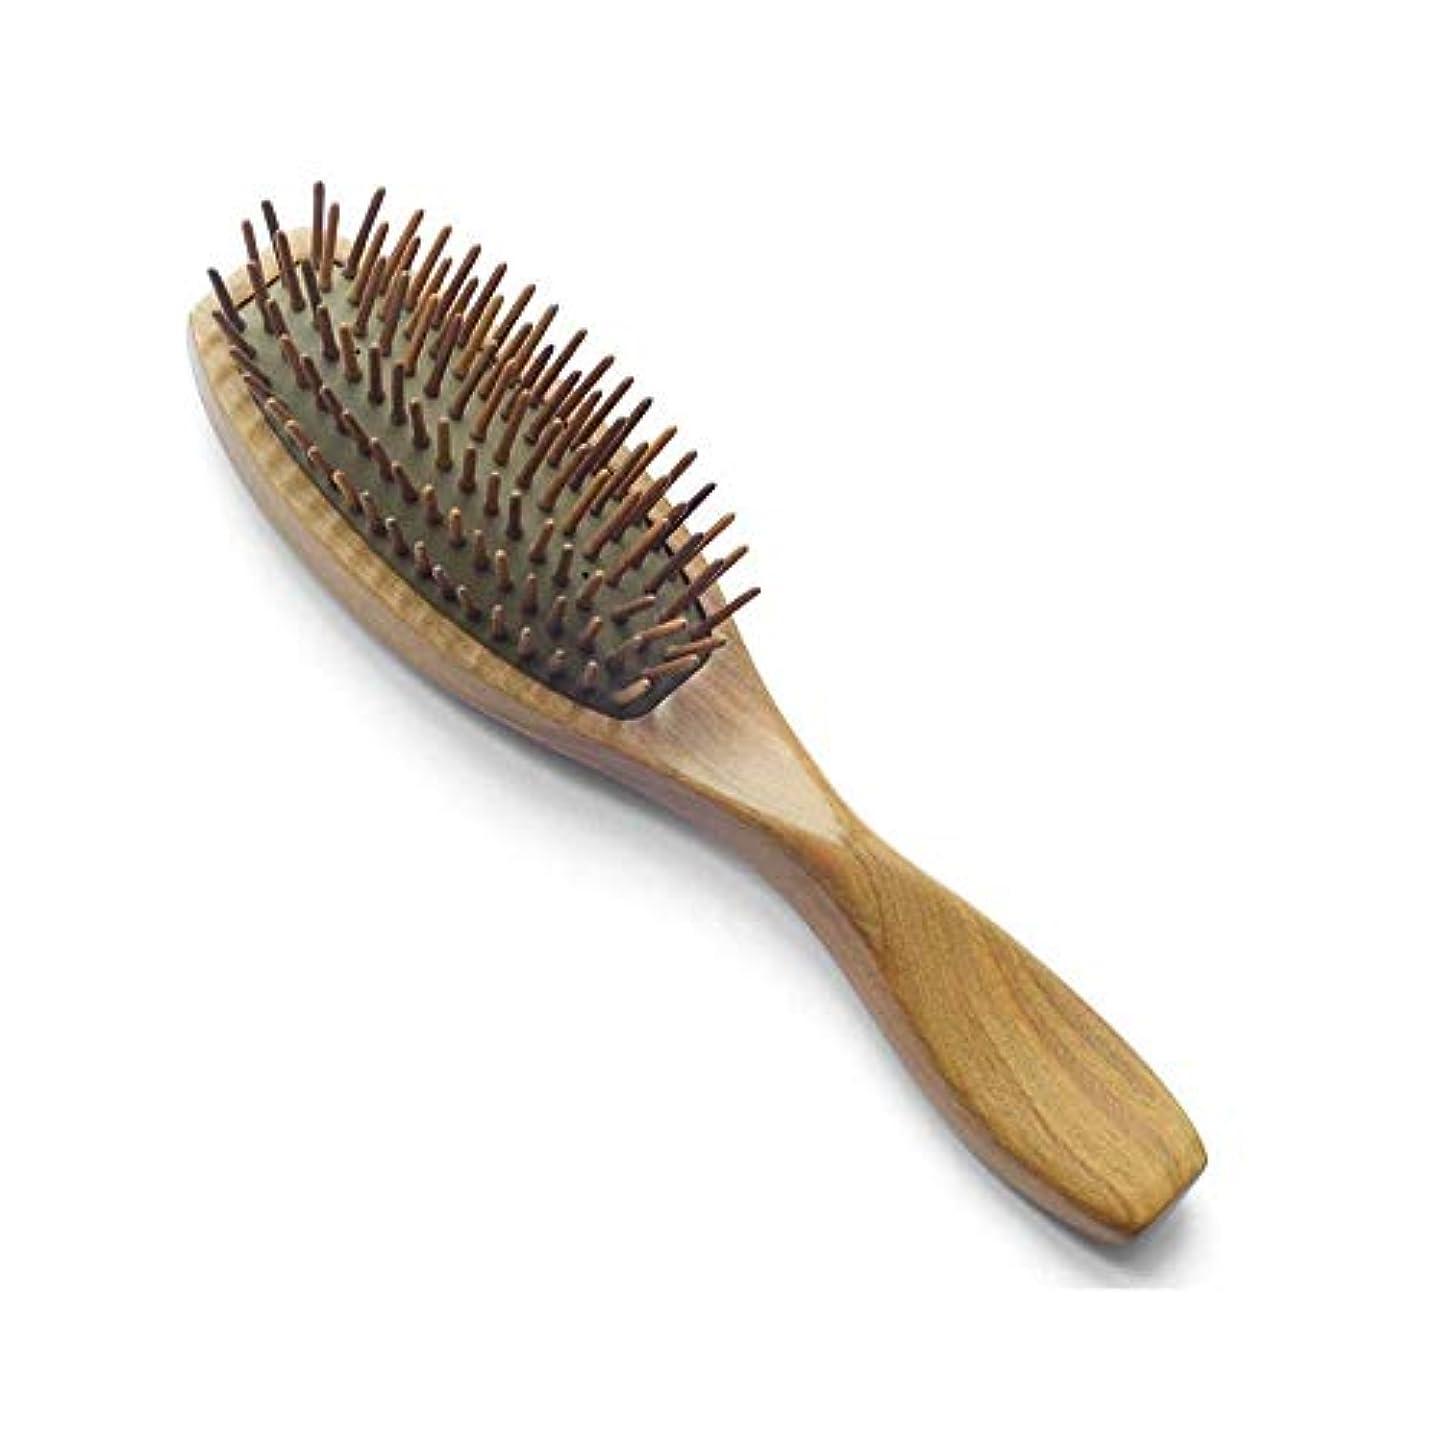 限界マイナス私WASAIO ヘアブラシ美容ナチュラルグリーンサンダルウッドヘアブラシデタングルマッサージ帯電防止ヘアコーム